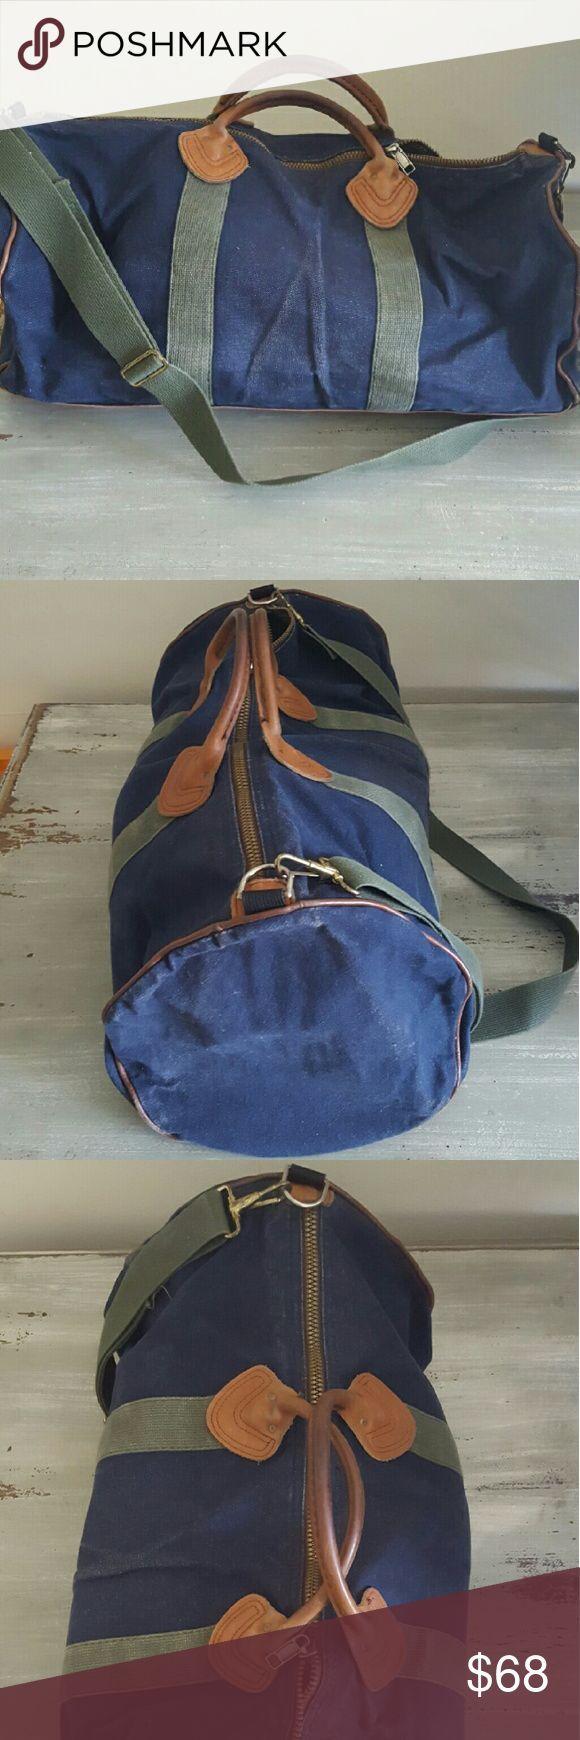 Vintage LLBean duffle bag Blue denim and leather duffle bag with strap LL Bean Vintage LLBean duffle bag Blue denim and leather duffle bag with strap LL Bean